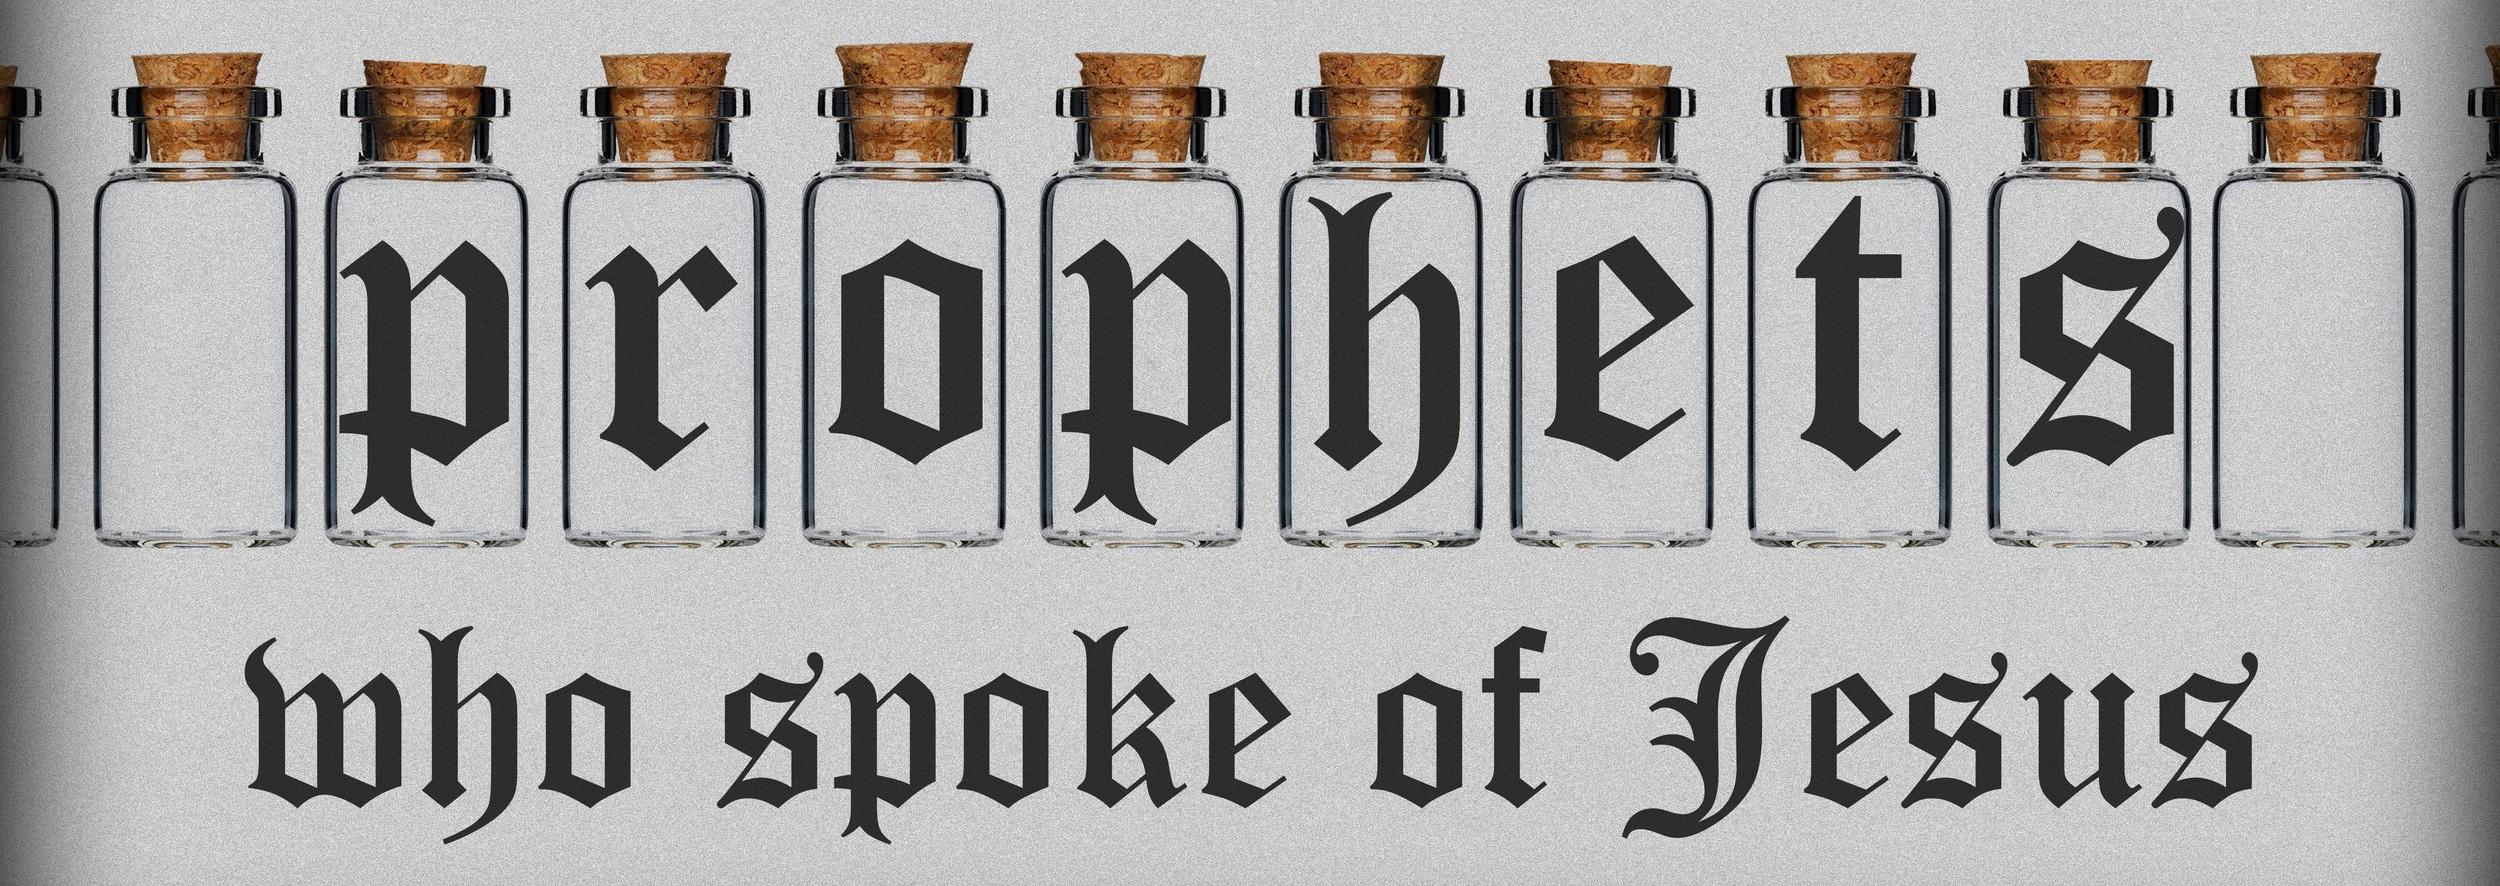 Prophets+SS+grain+title.jpg